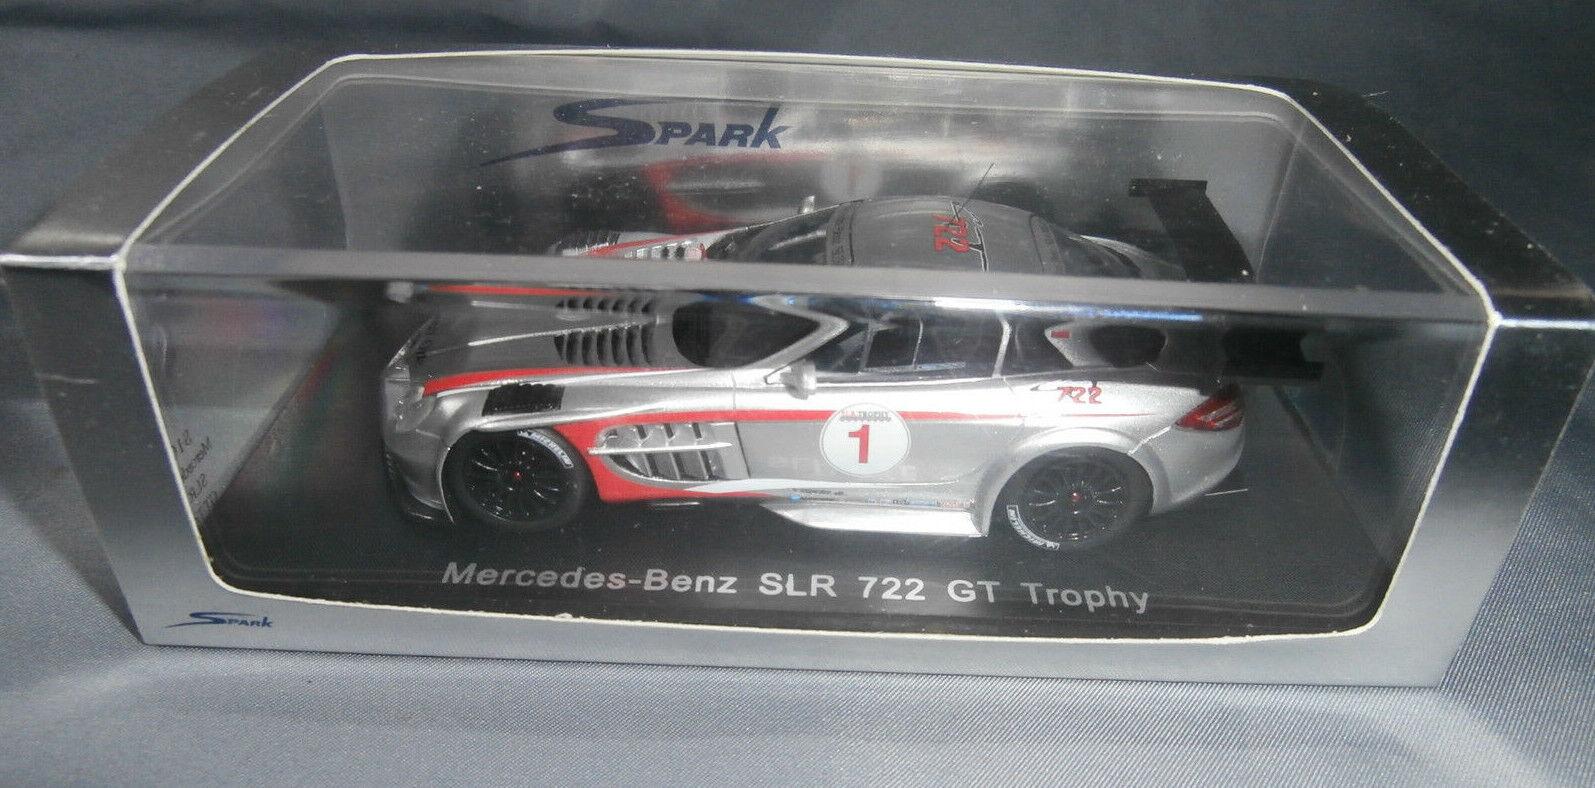 Spark Models 1 43 Scale Mercedes Benz SLR 722 GT Trophy Jean Alesi S1027